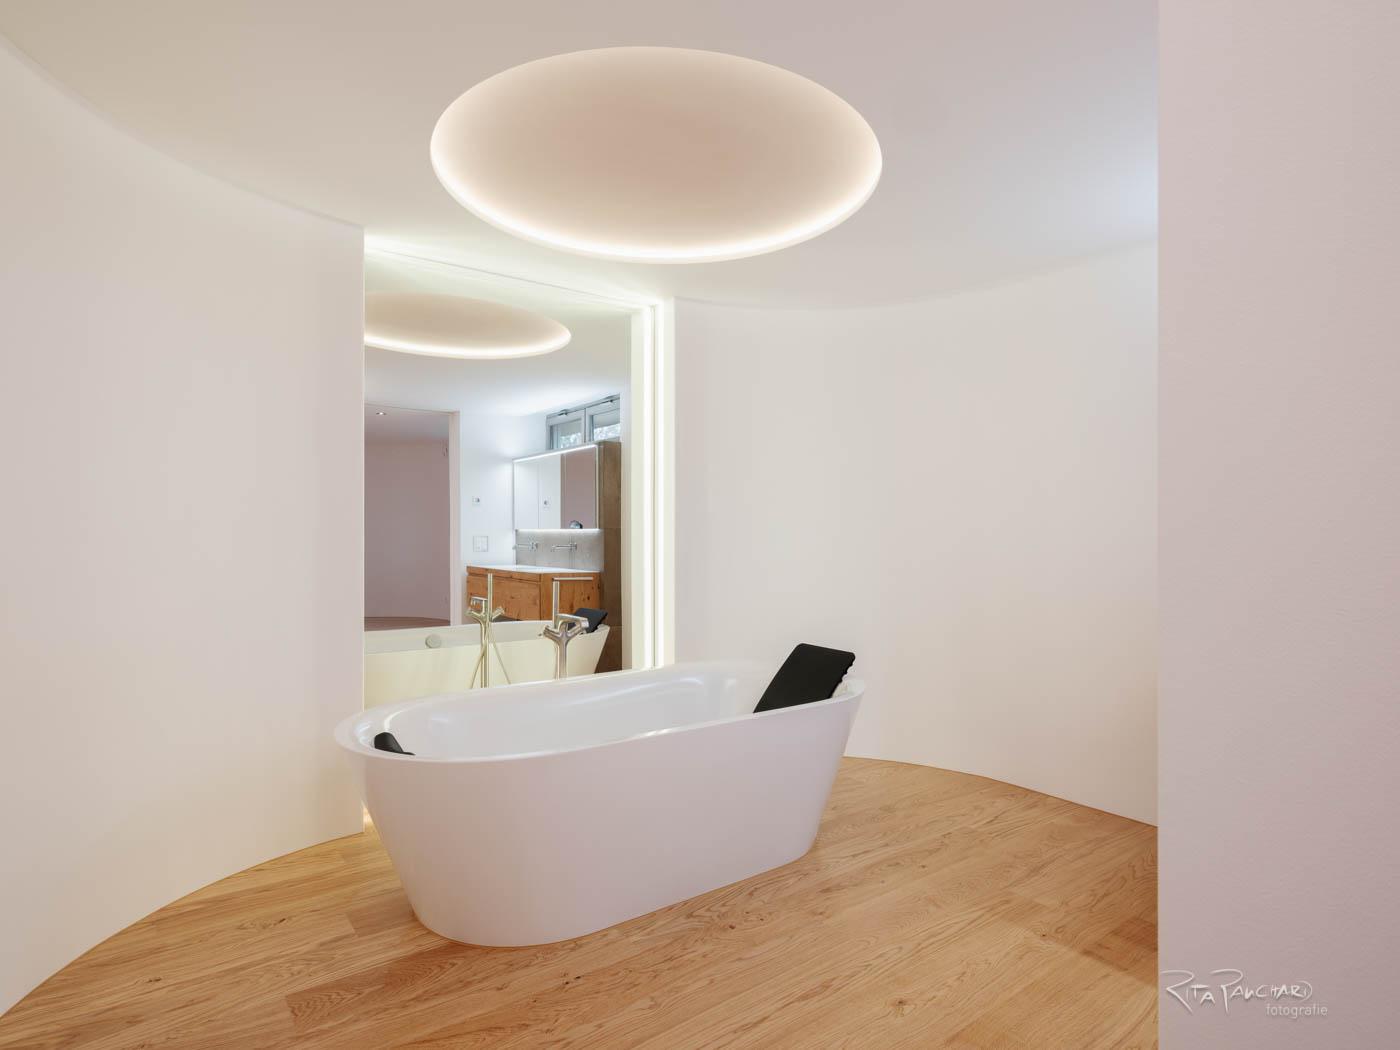 Architekturfotografie-9518.jpg